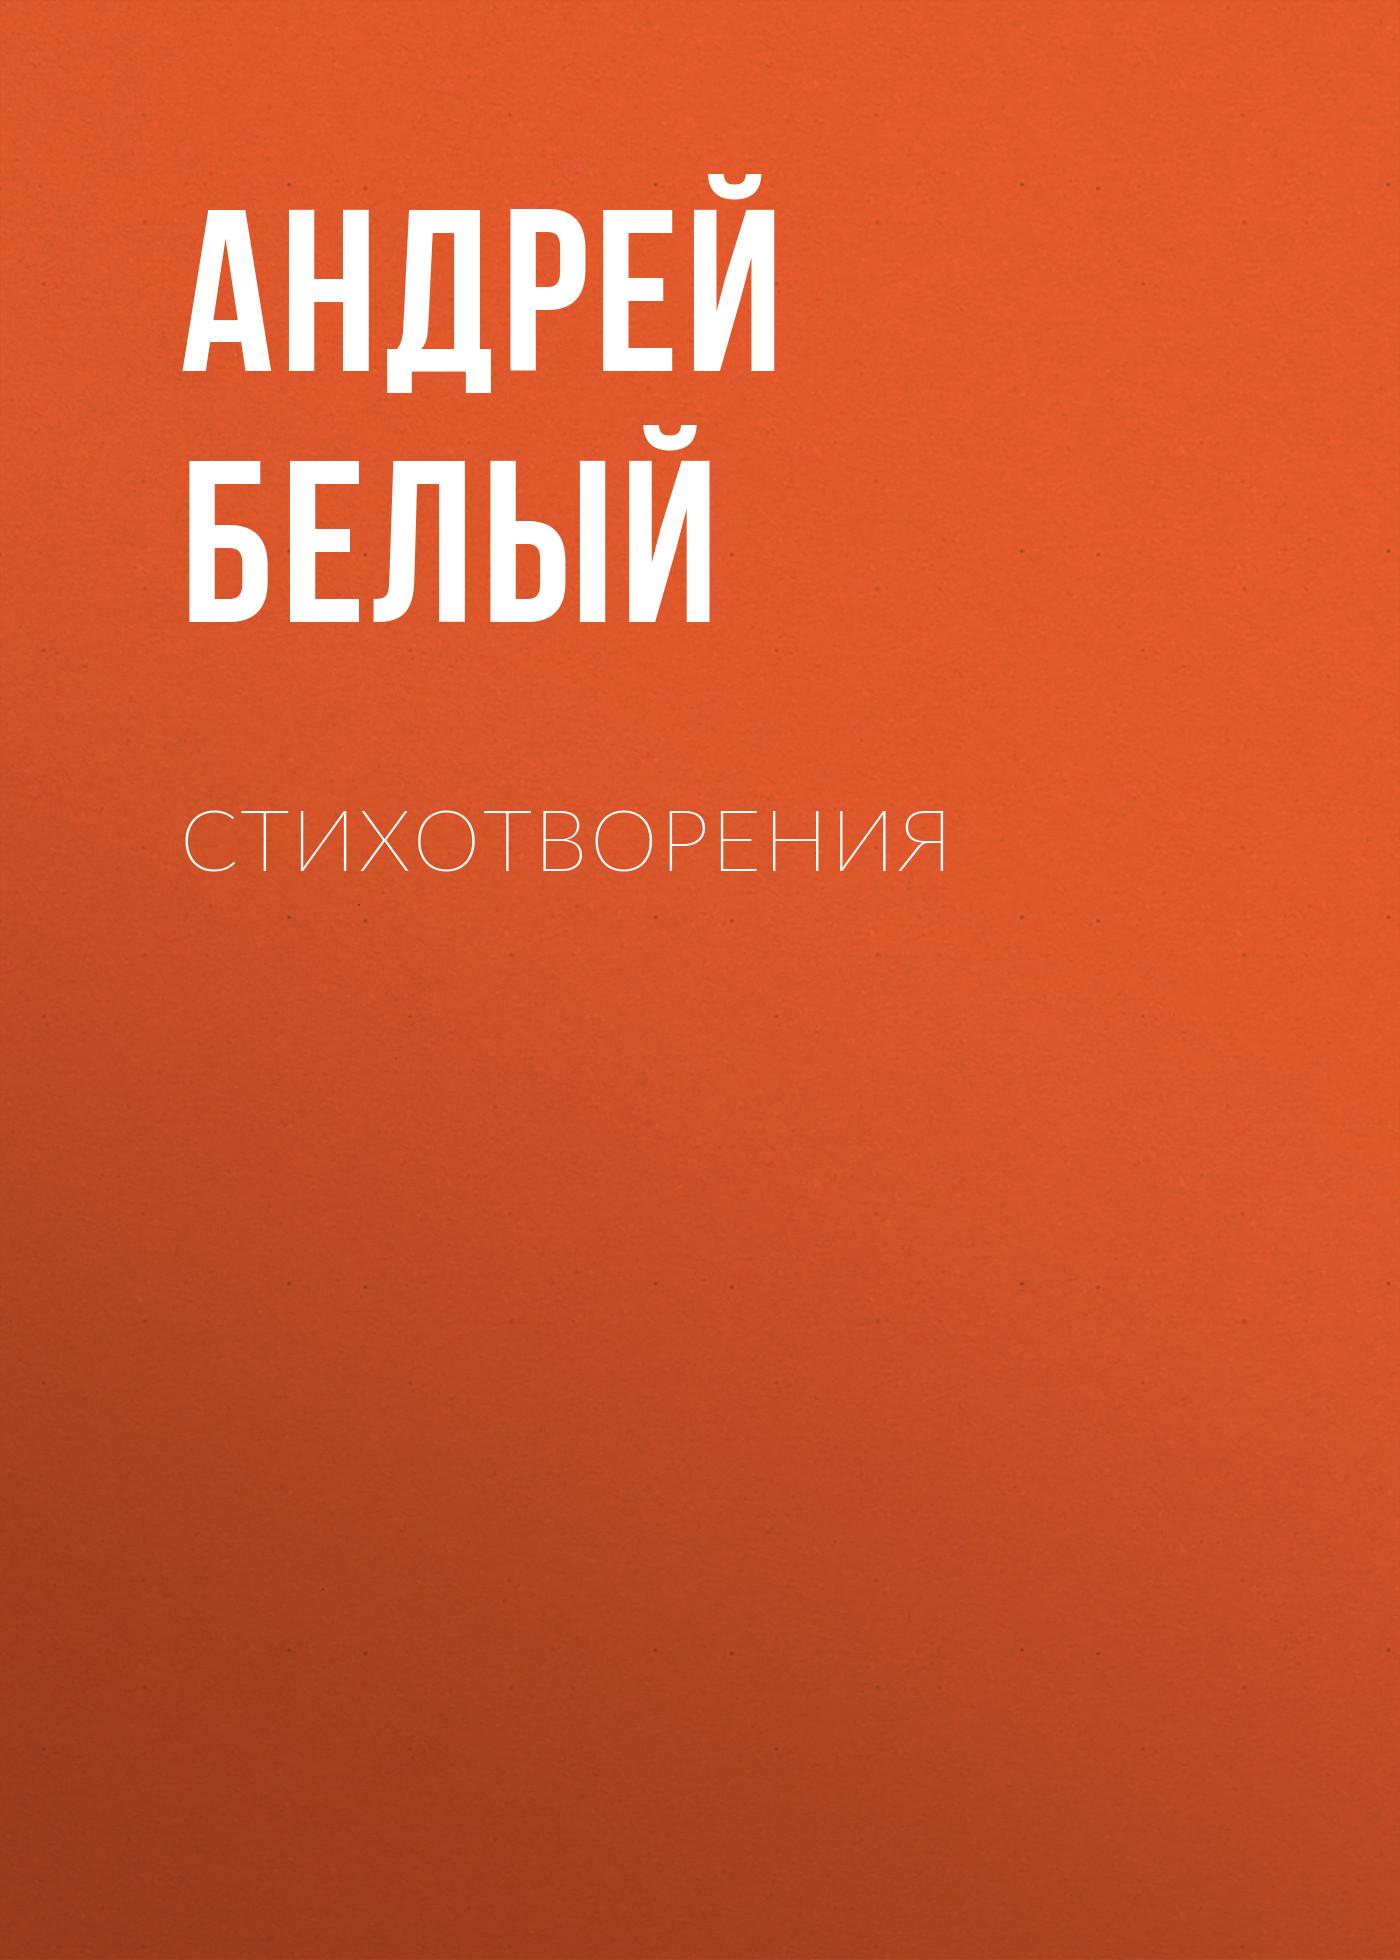 Андрей Белый Стихотворения андрей вознесенский андрей вознесенский стихотворения и поэмы